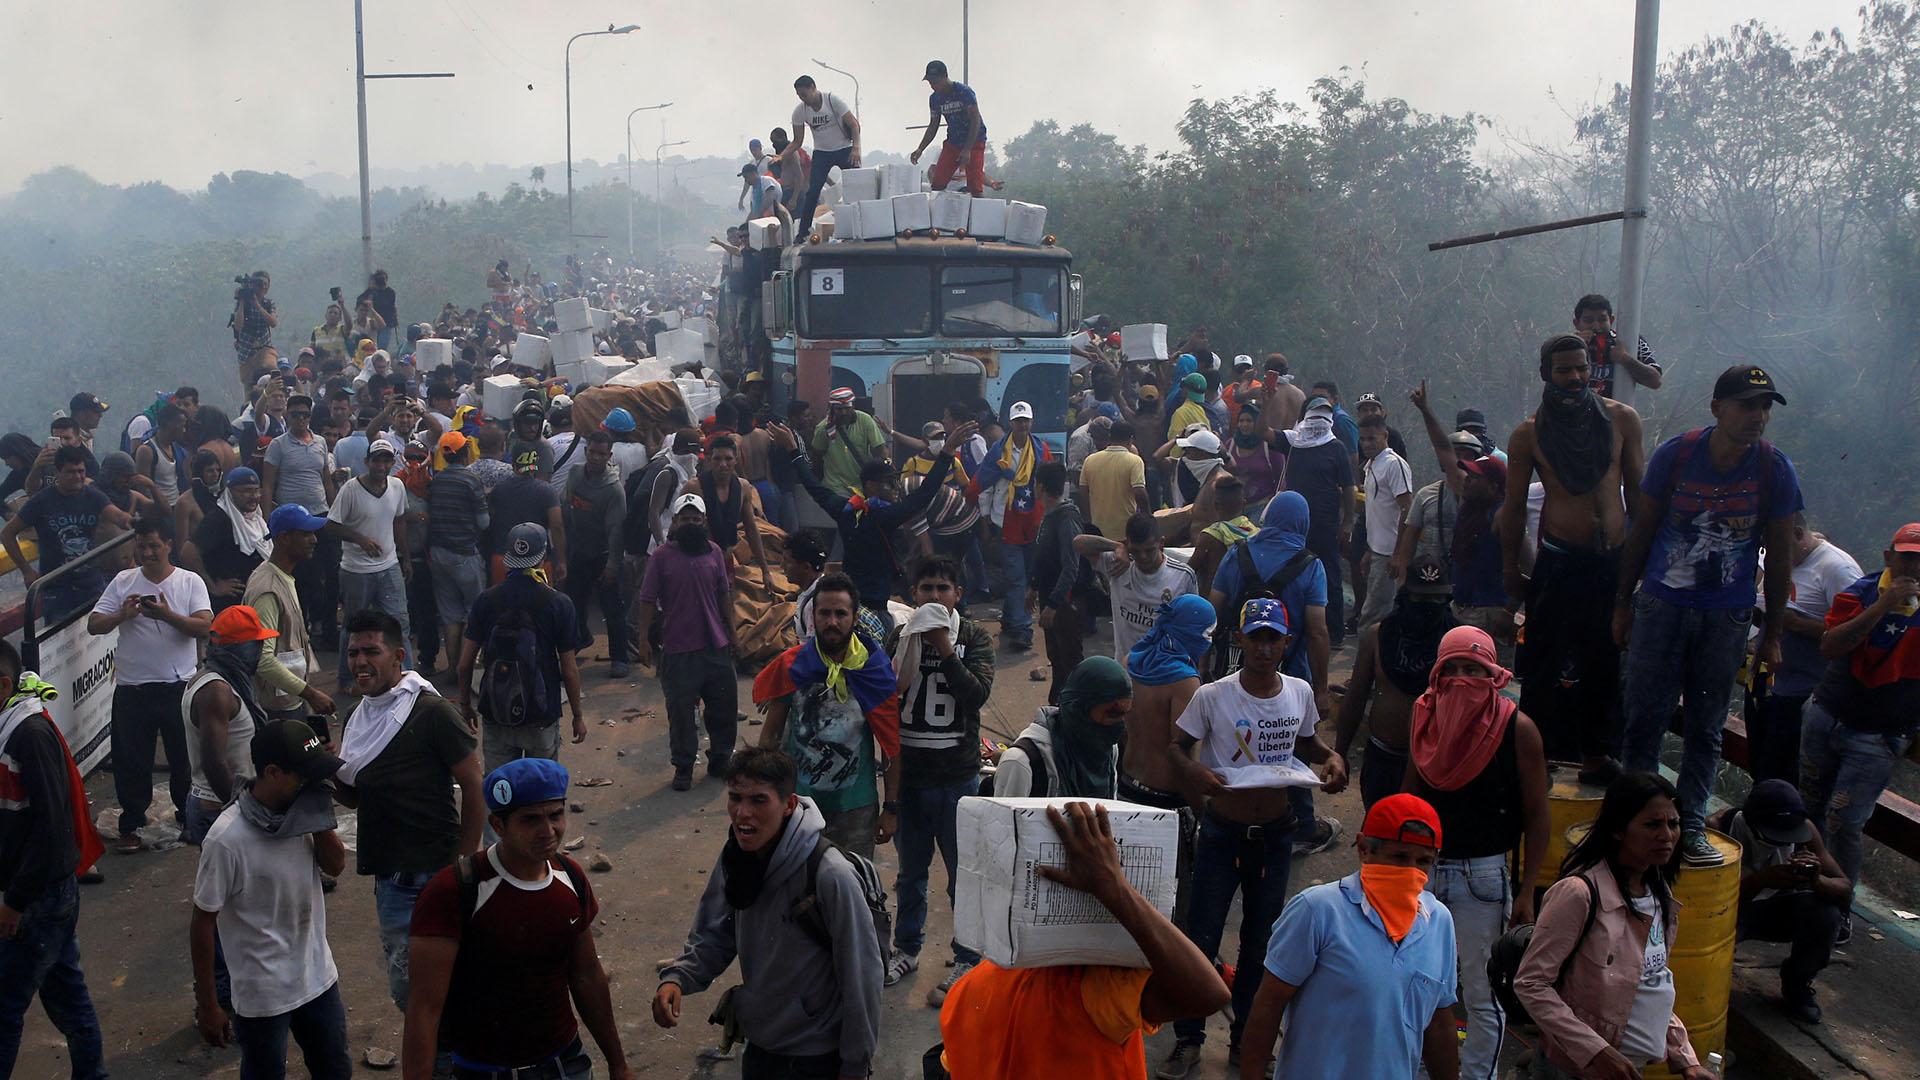 Opositores descargan alimentos de los camiones tras ser atacados por orden de Nicolás Maduro en uno de los pasos fronterizos (Reuters)